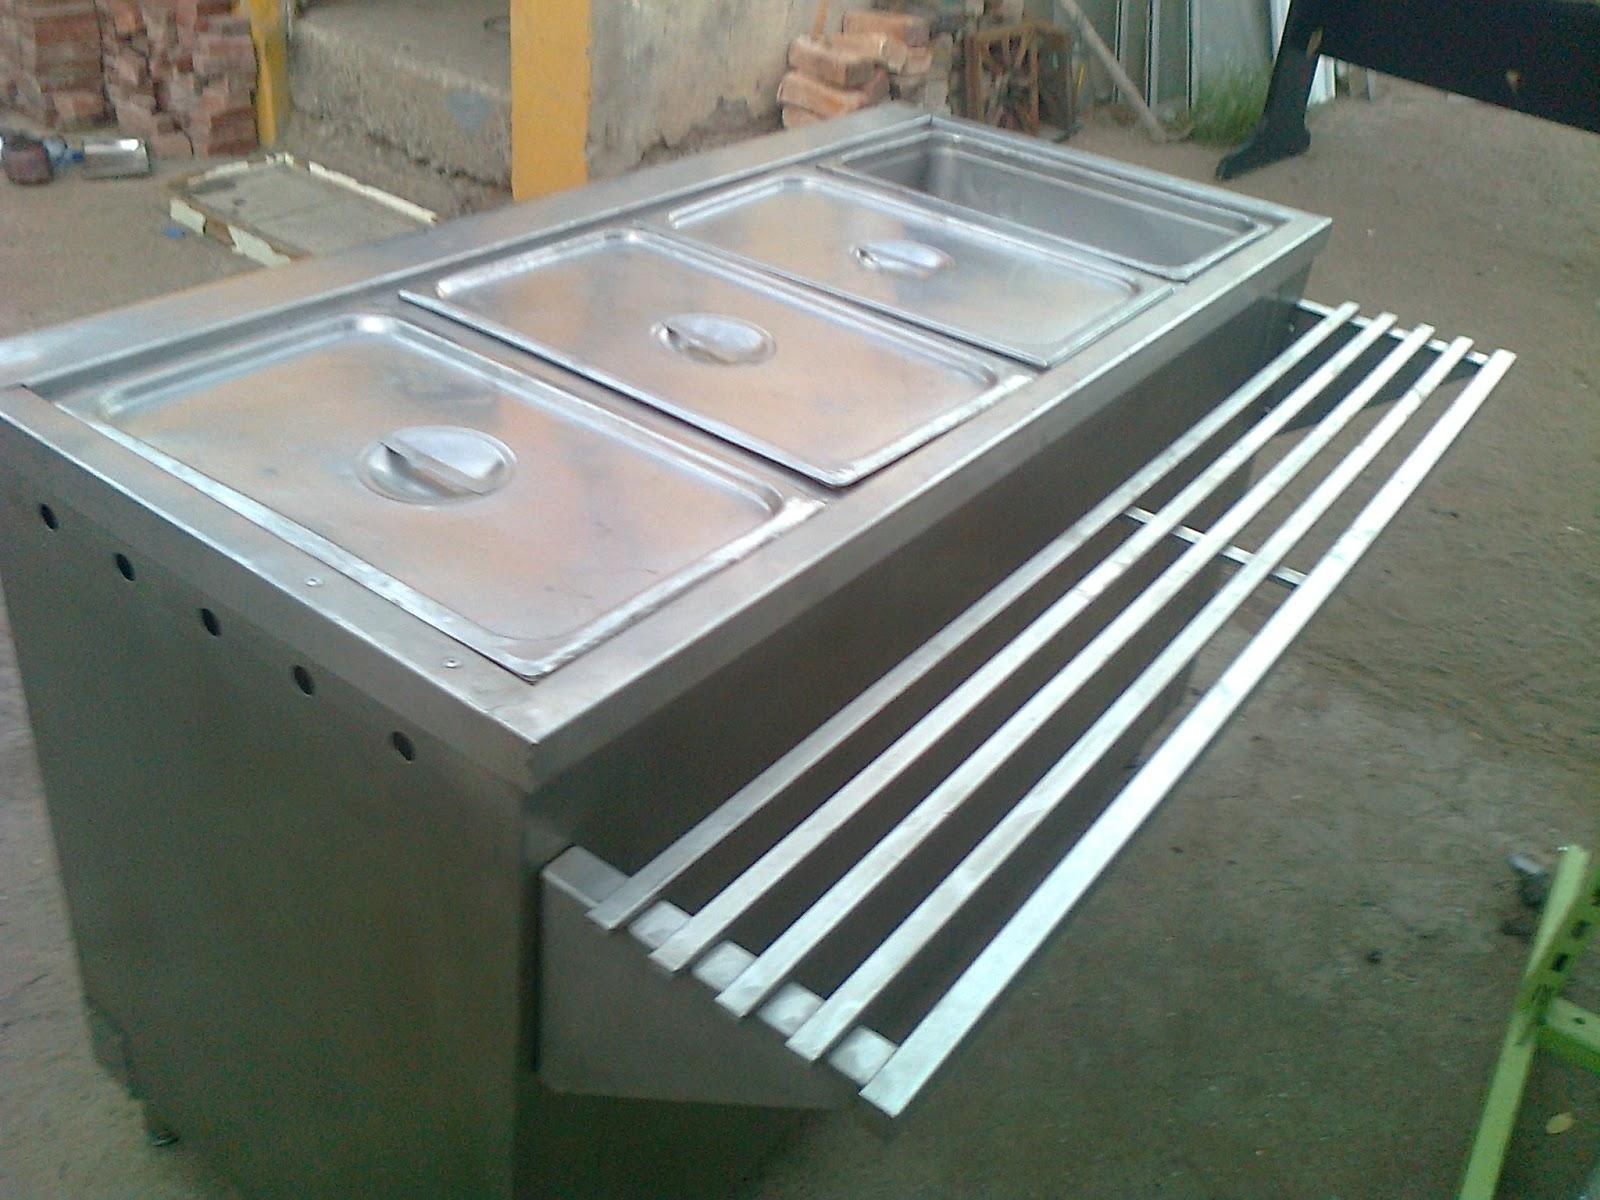 Gmetales restauracion de cocina industrial ba o maria y for Bano maria industrial